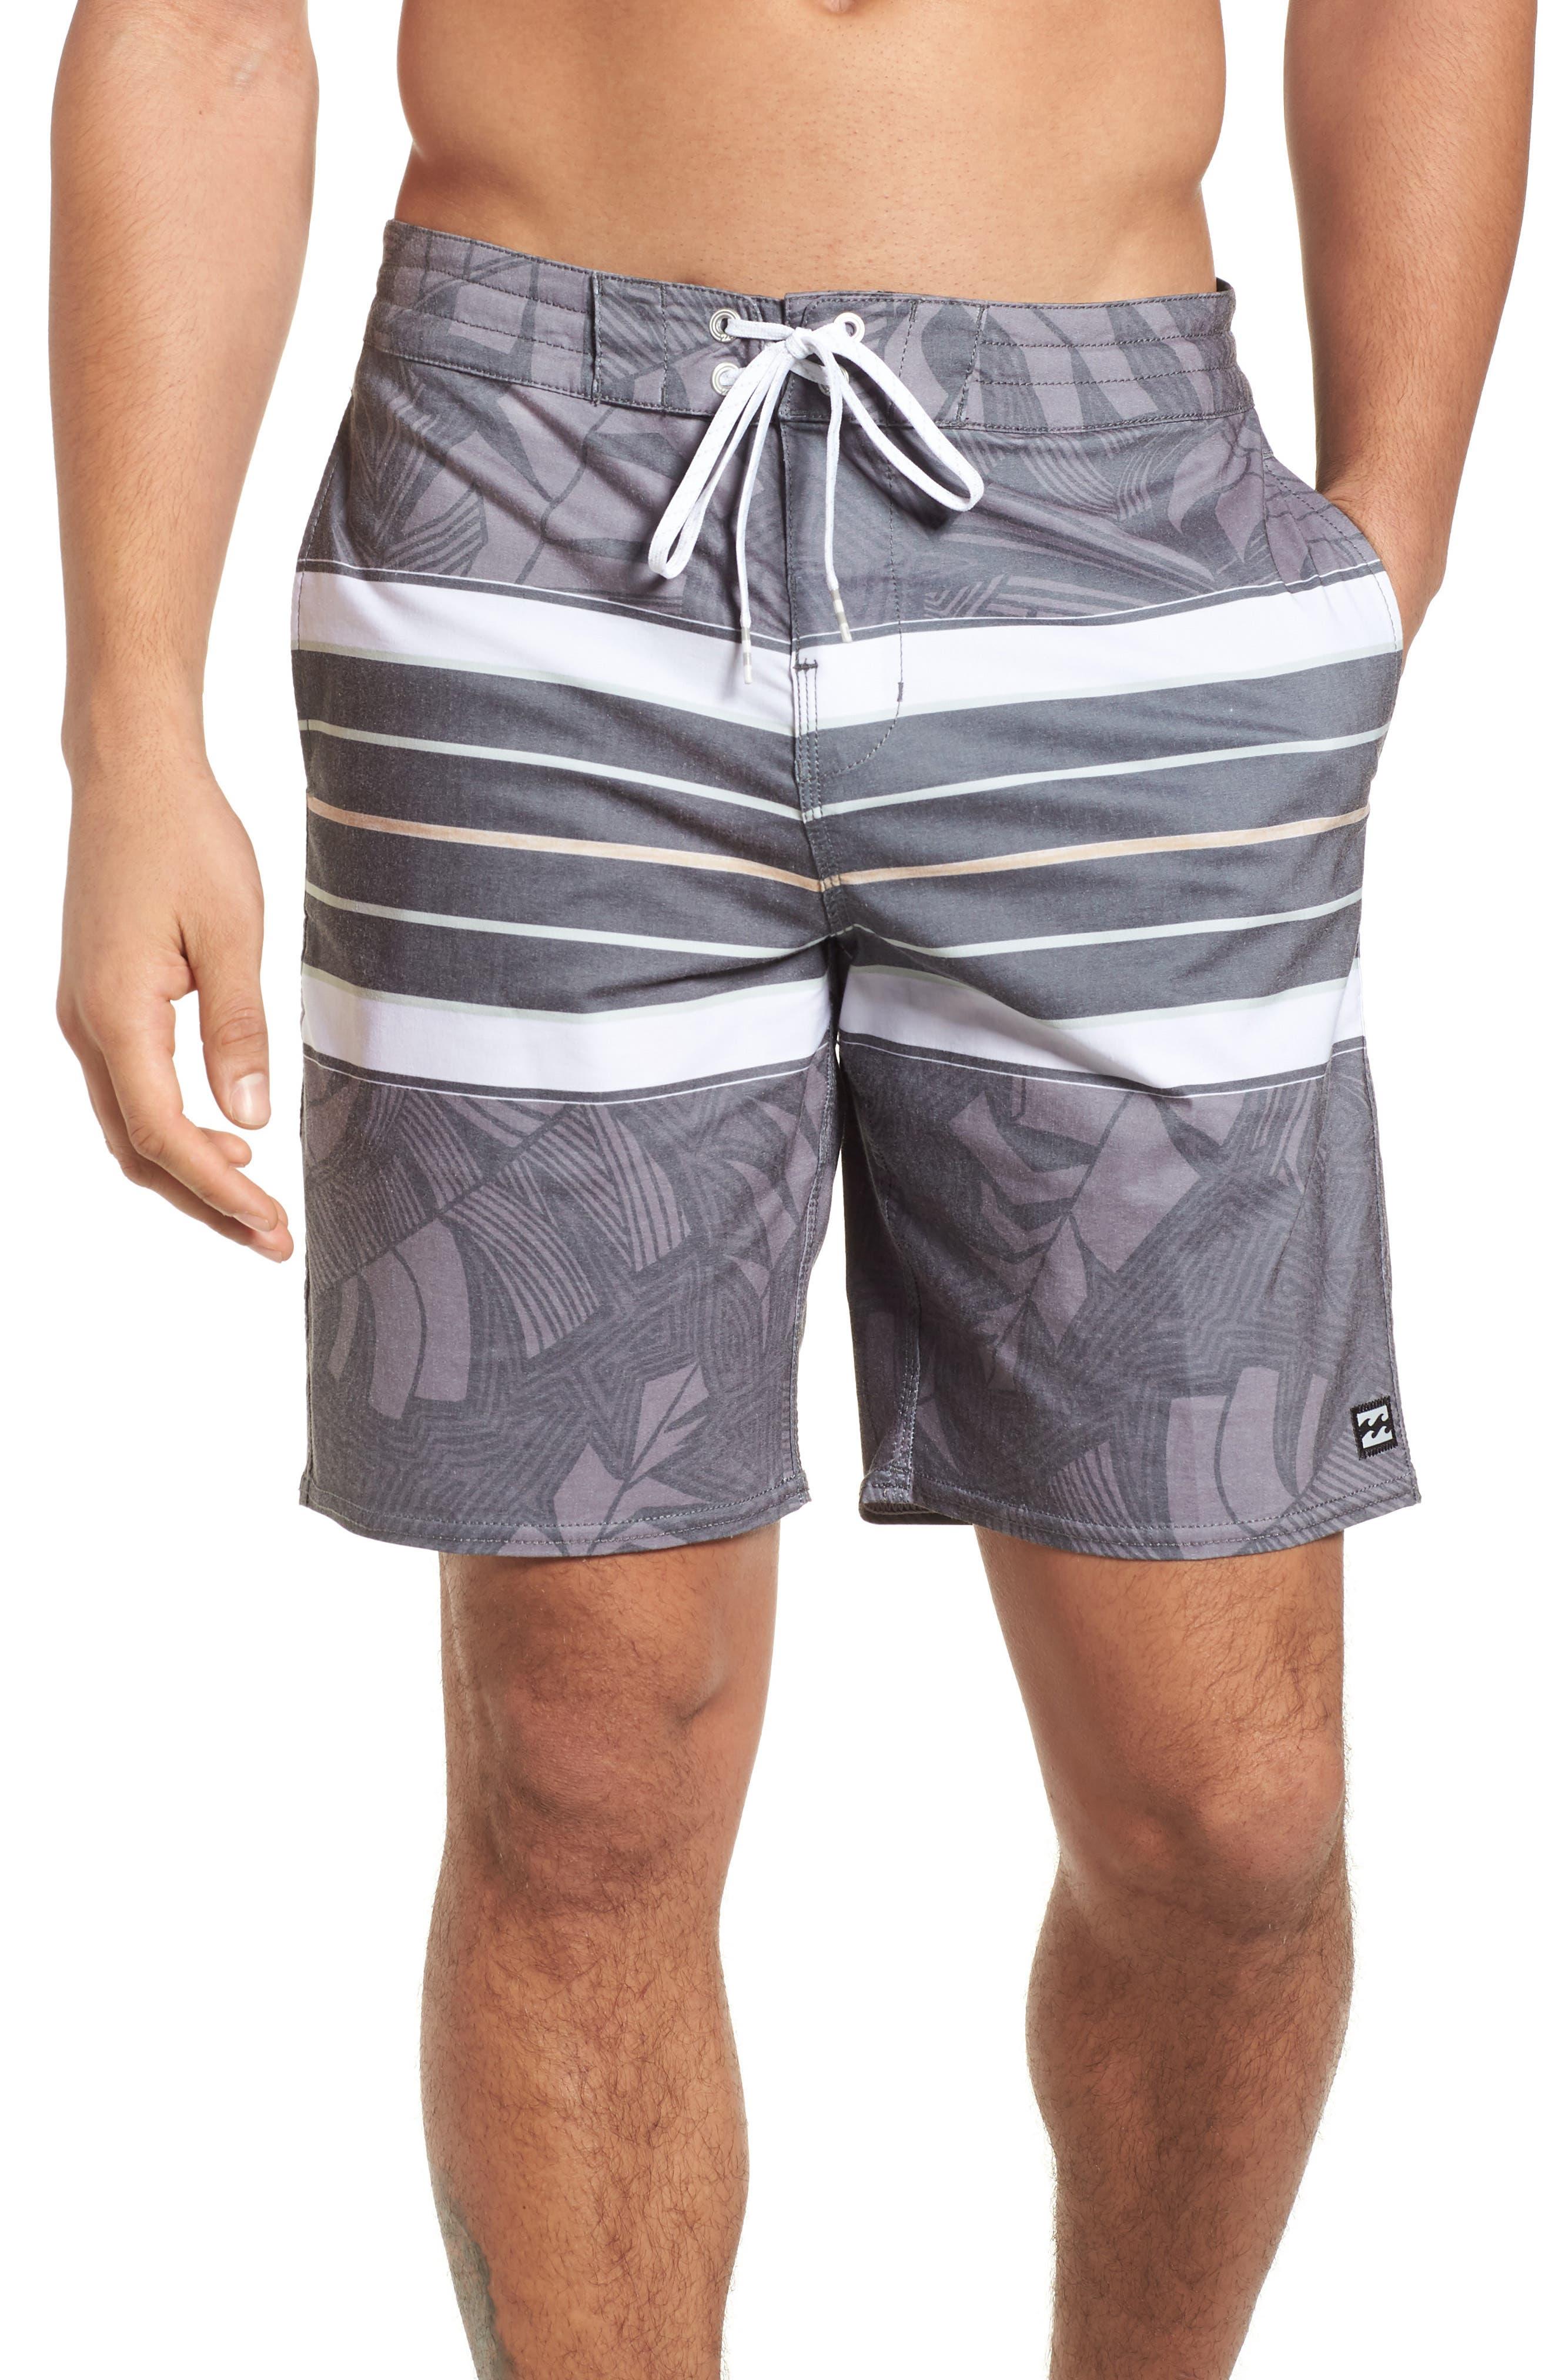 Stringer Lo Tides Board Shorts,                             Main thumbnail 1, color,                             001